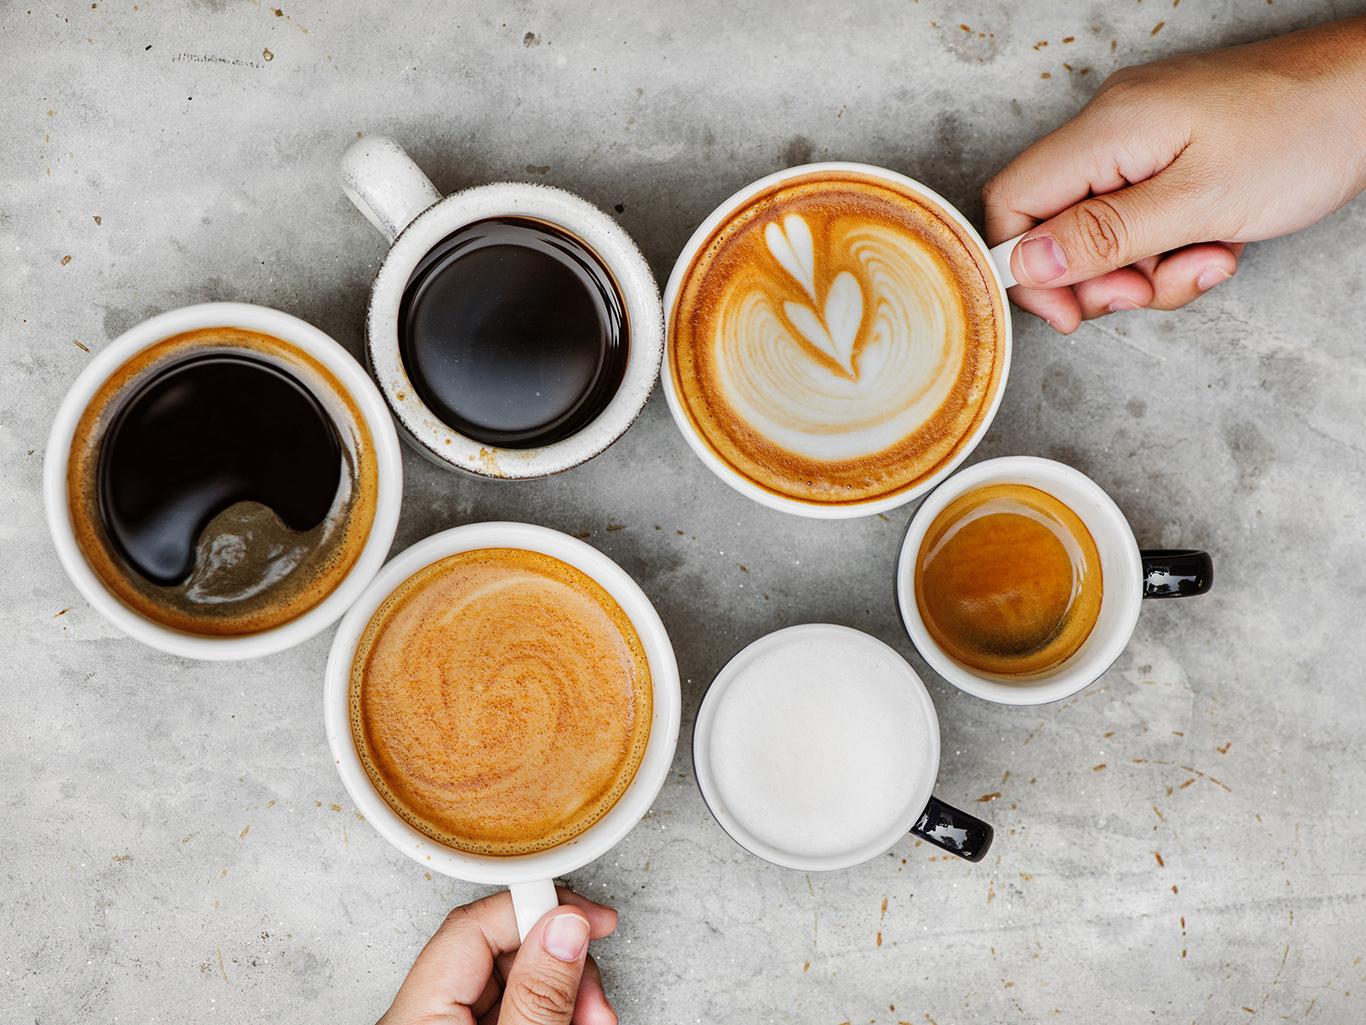 5 признаков, указывающих на то, что кофе вредит здоровью